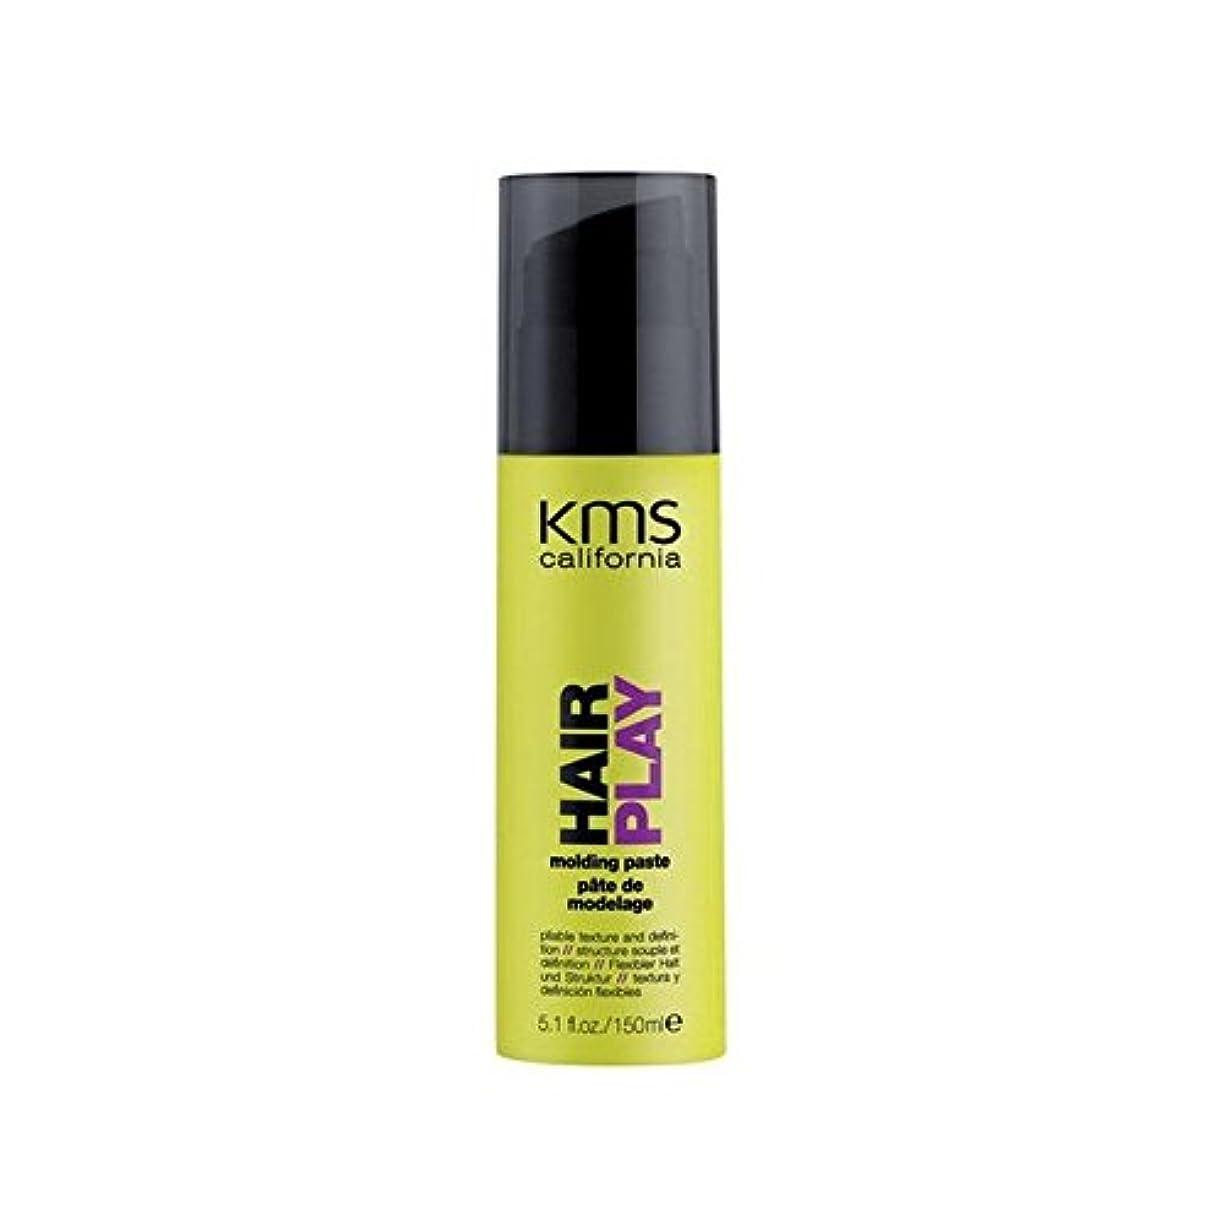 引退したまっすぐ作物カリフォルニア成形ペースト(150ミリリットル) x2 - Kms California Hairplay Molding Paste (150ml) (Pack of 2) [並行輸入品]